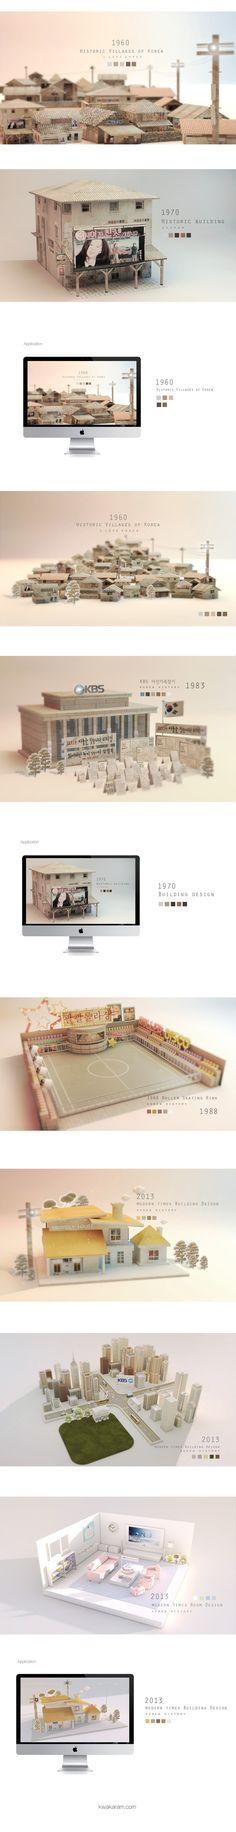 KBS project by aram kwak, via Behance